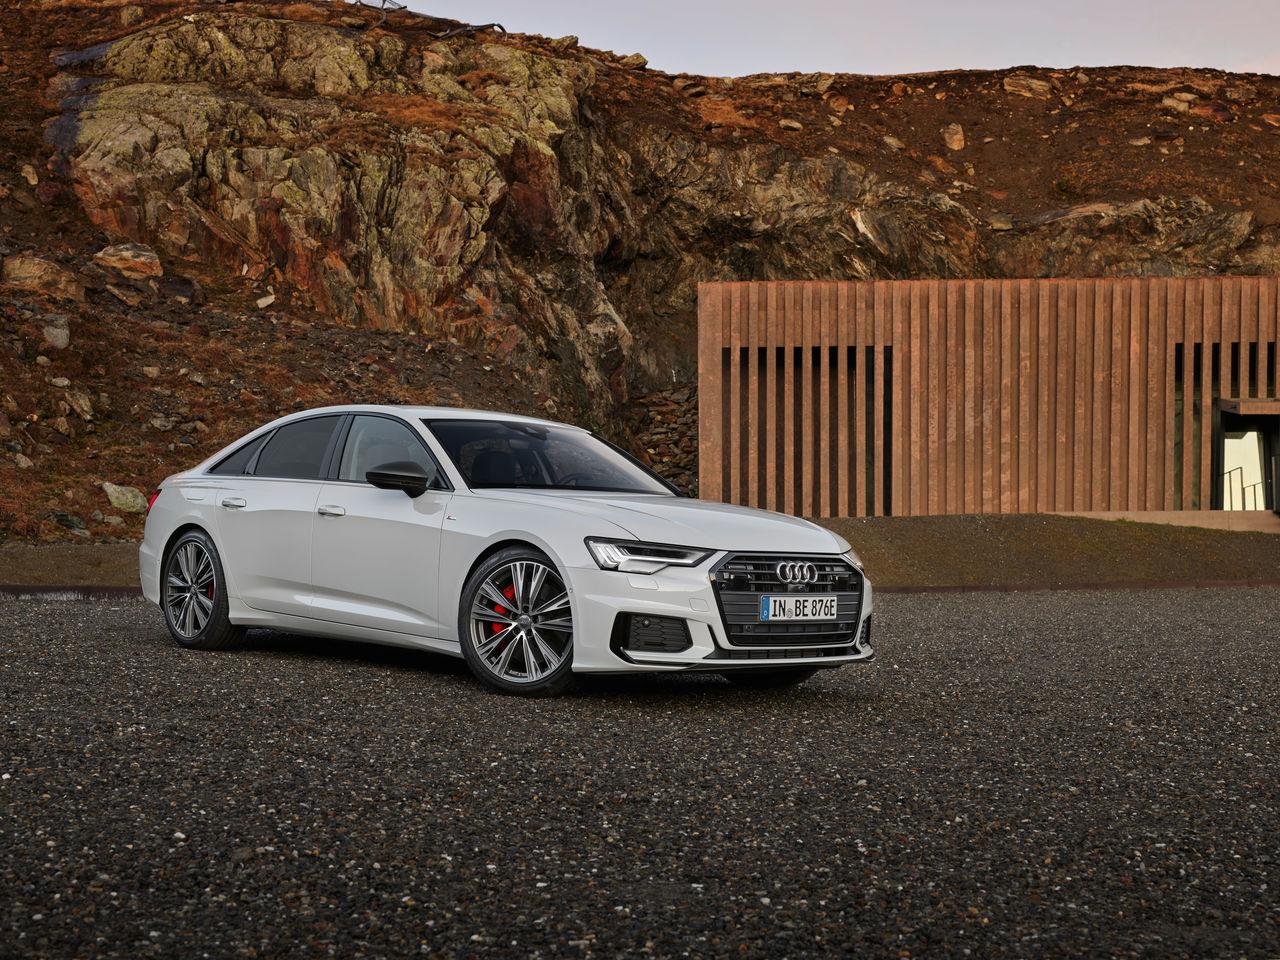 Kelebihan Kekurangan Audi 6 Top Model Tahun Ini